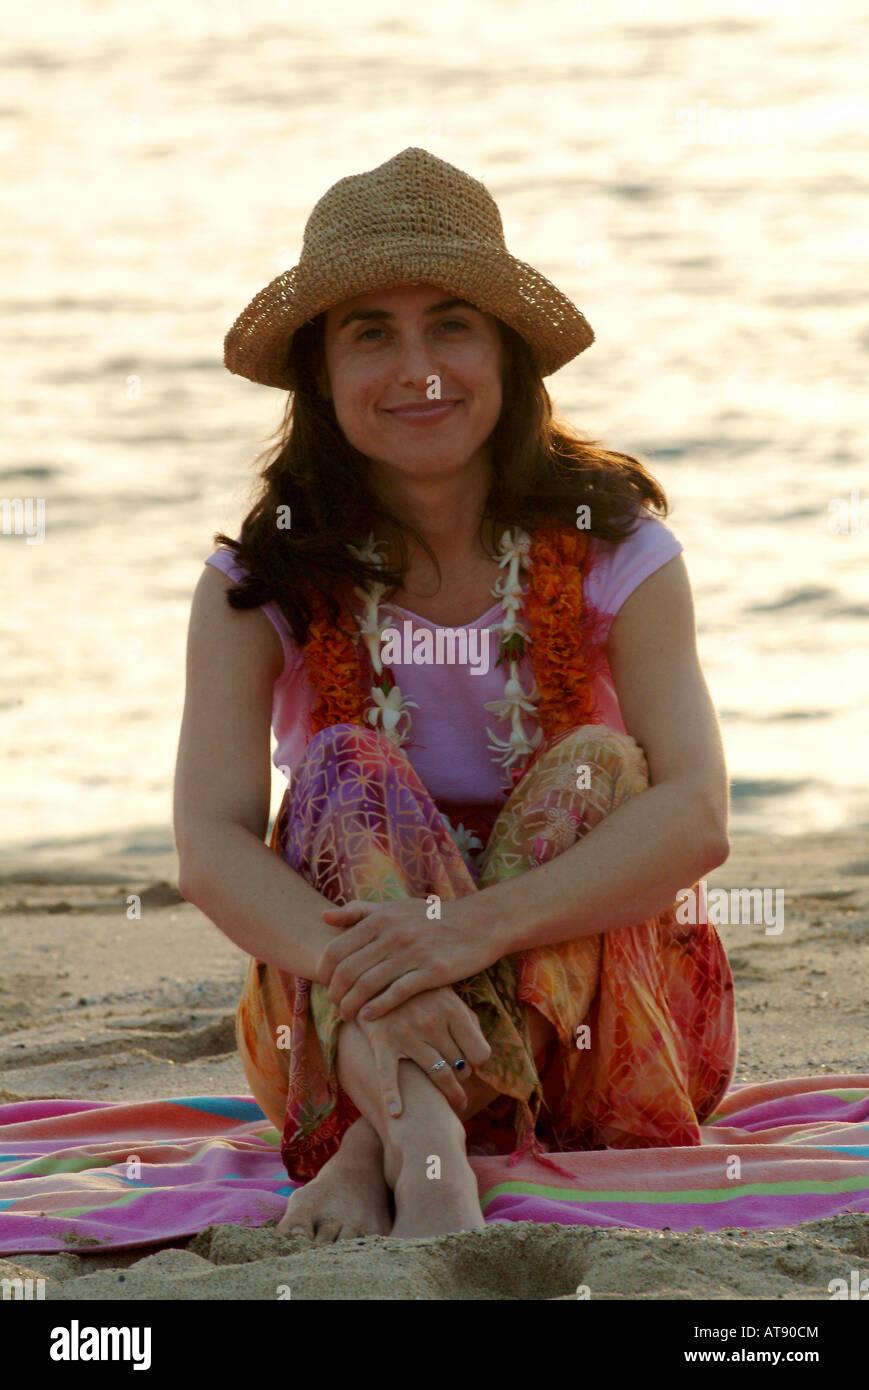 Femme juive au milieu de trente est assise sur serviette à la plage portant un chapeau et une fleur leis Banque D'Images